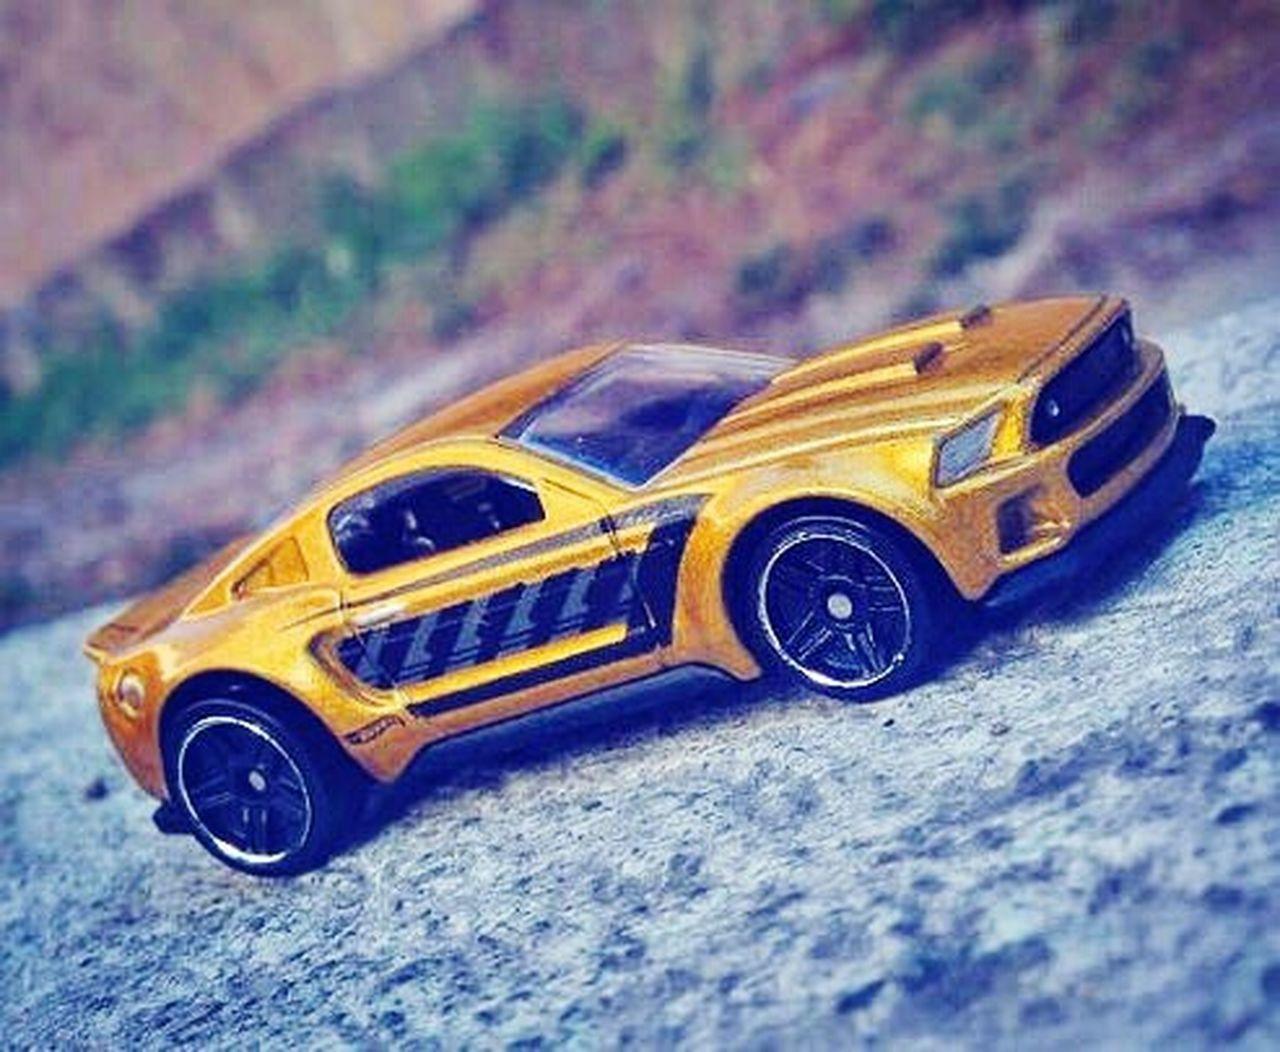 Automobile HotWheels Collector Diecast First Eyeem Photo